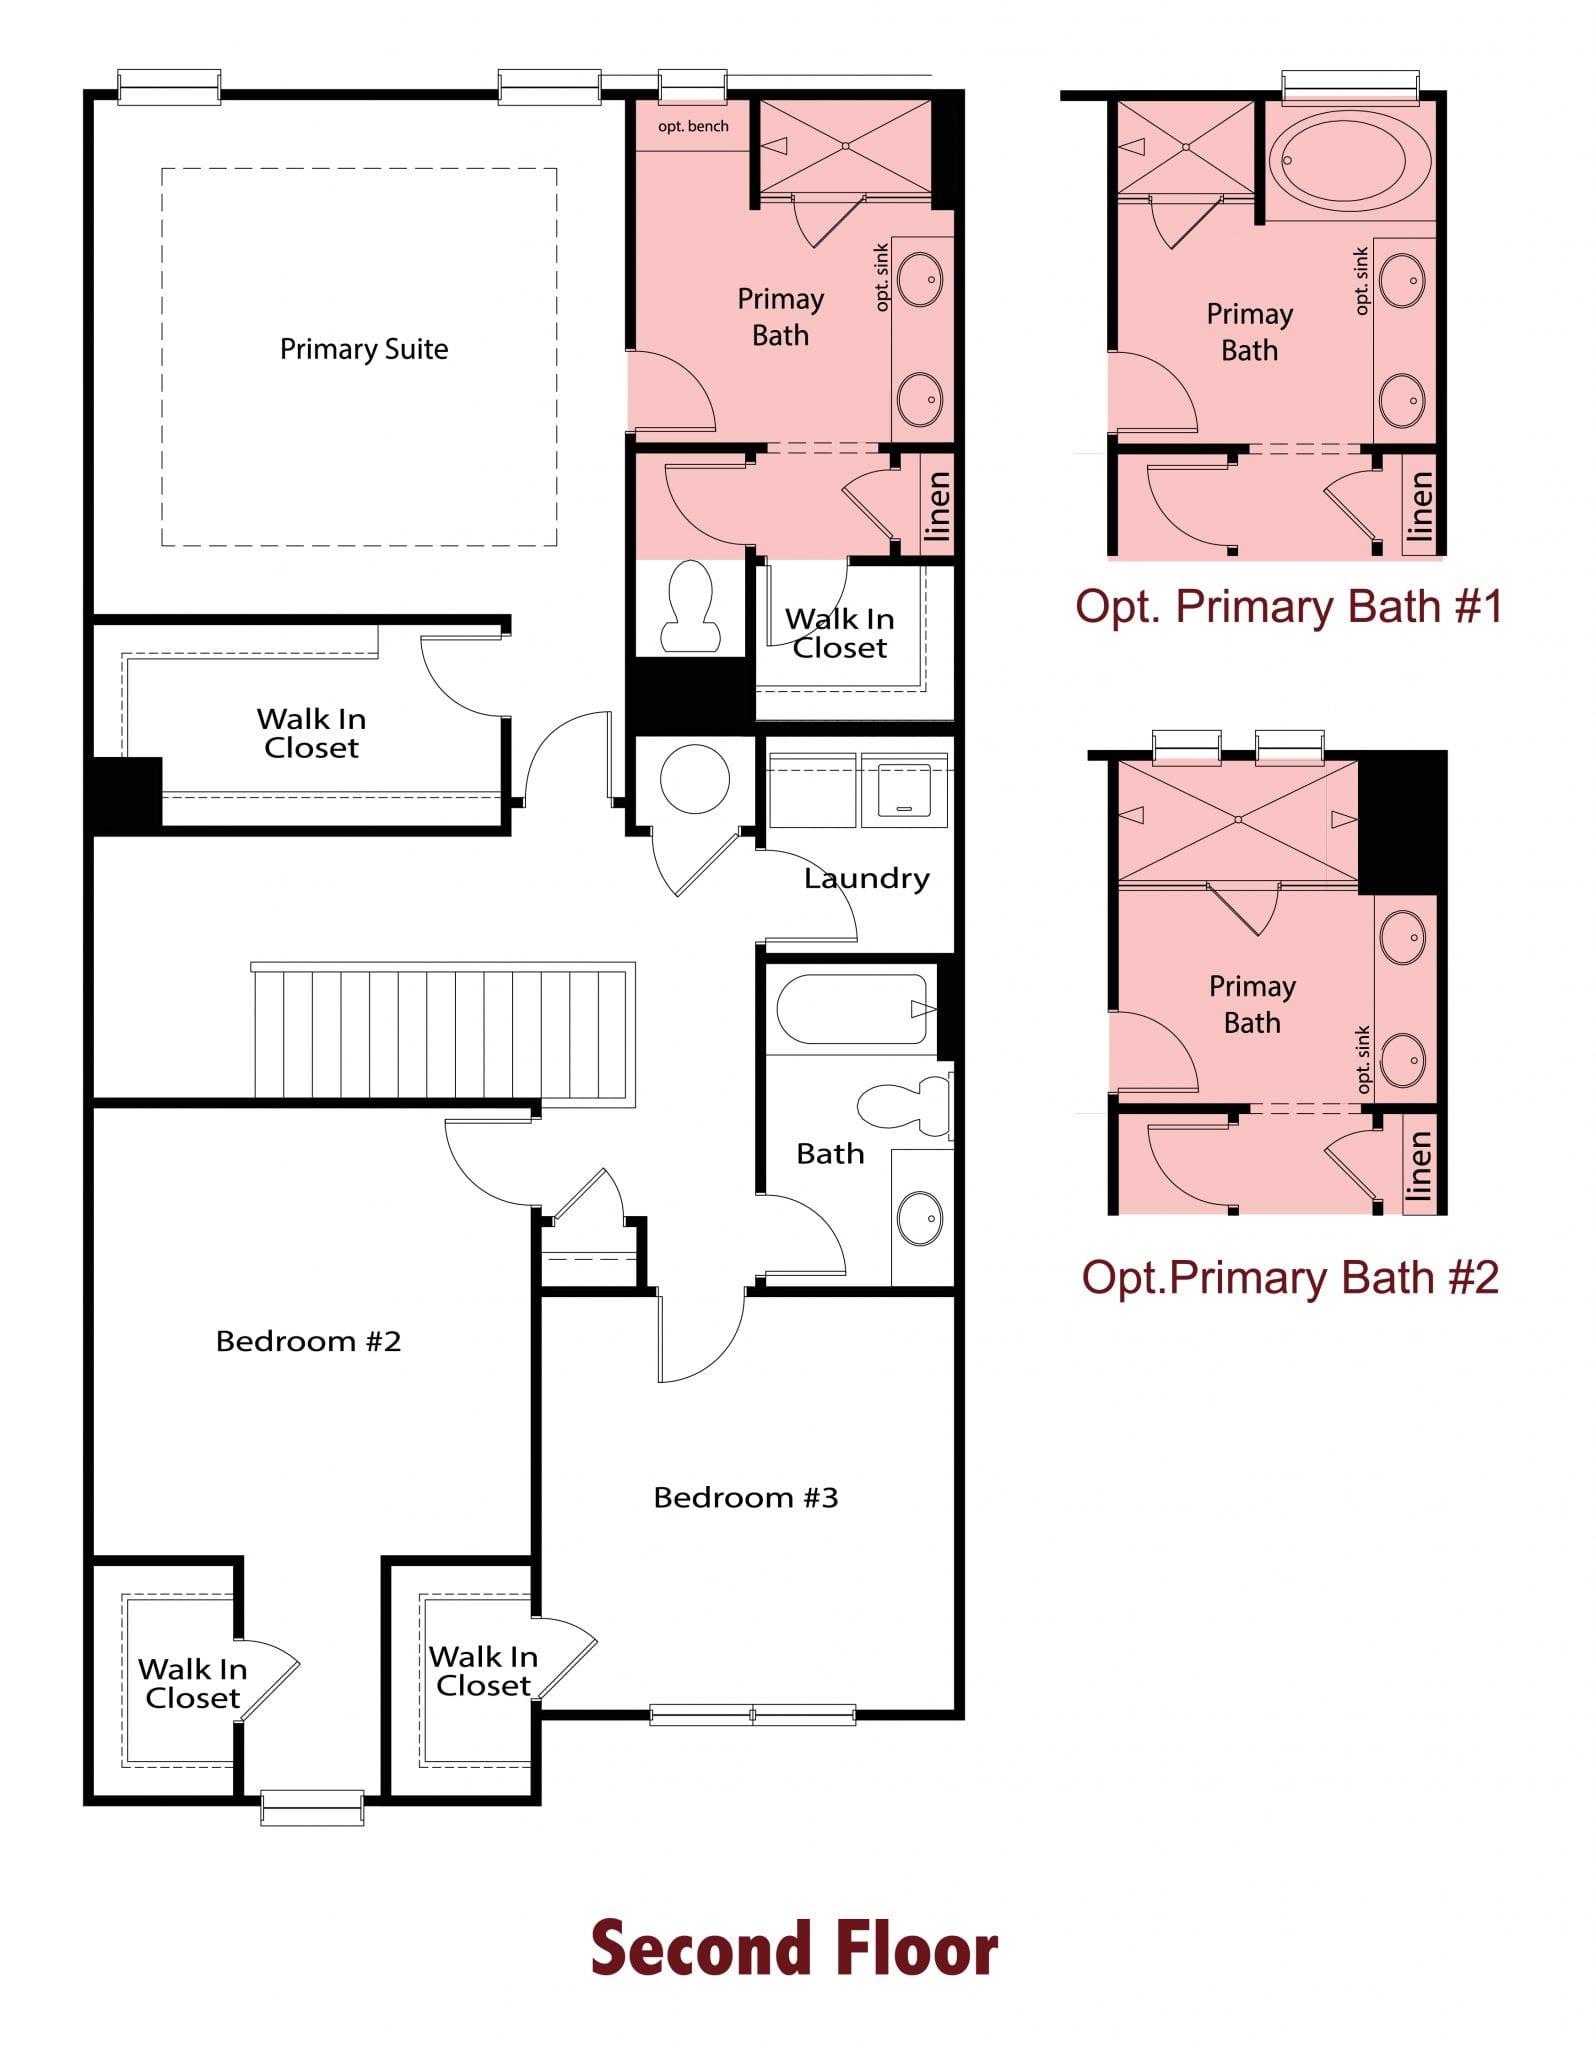 Holdbrooks plans Image